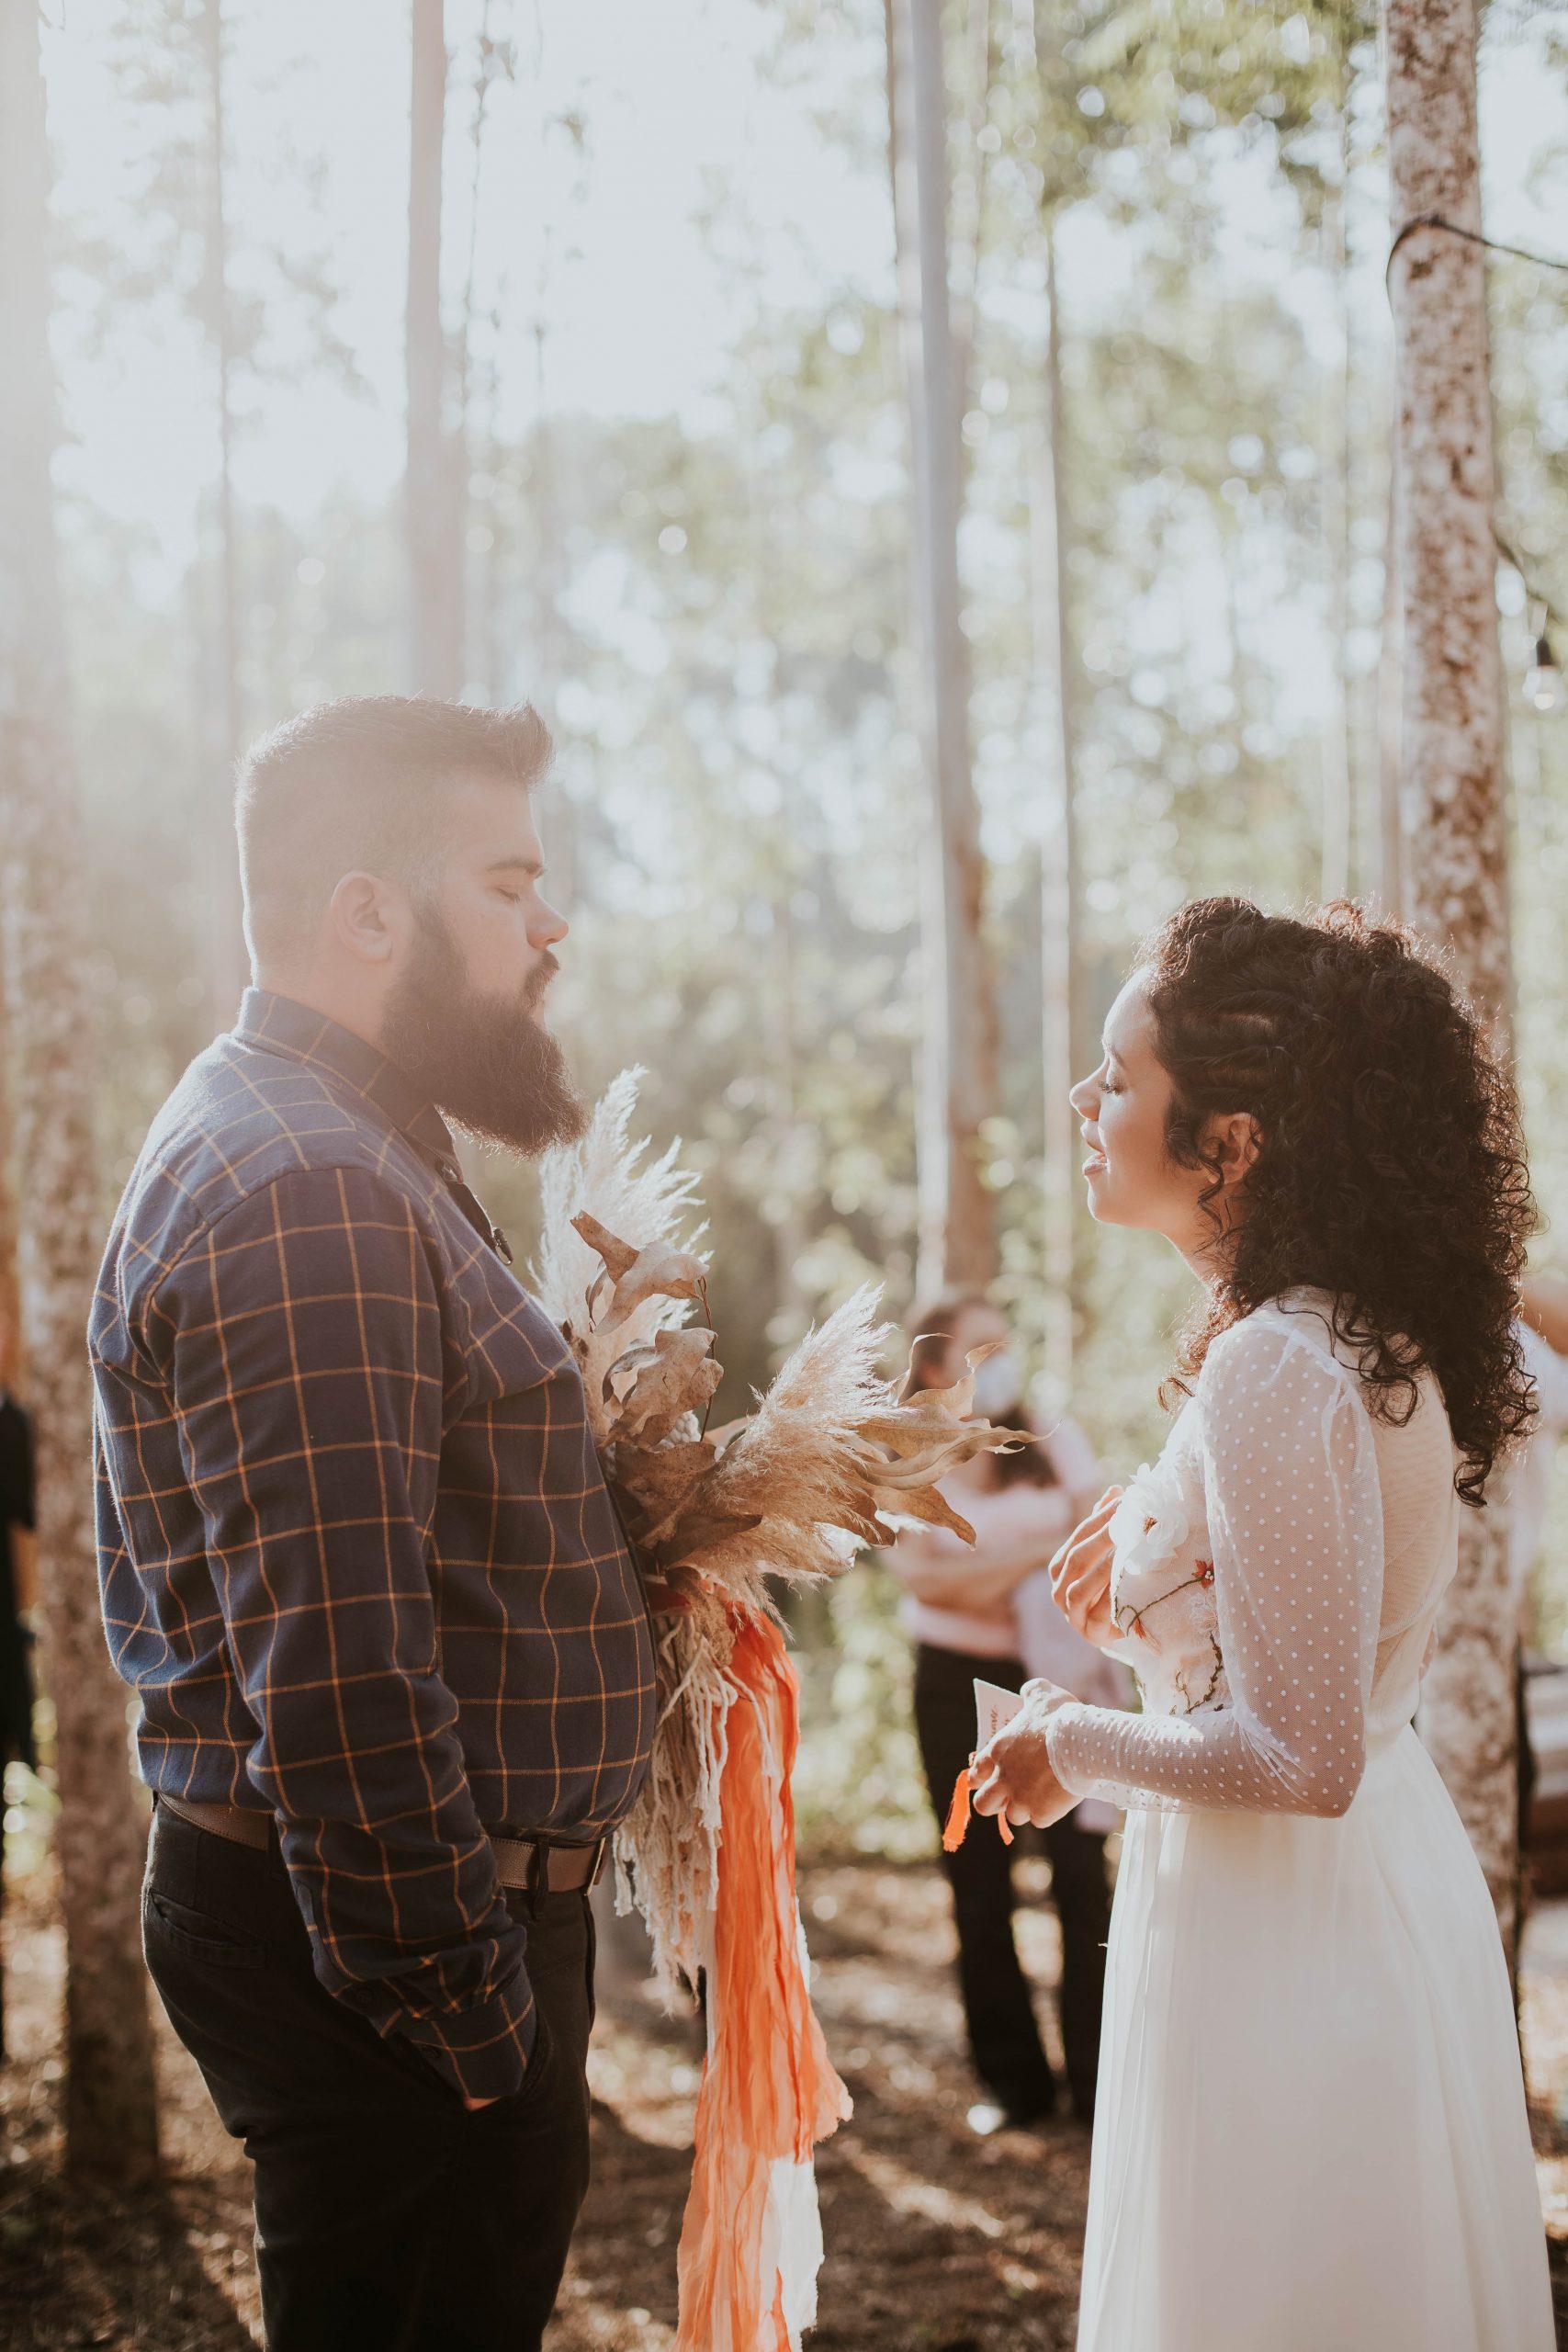 renovacao de votos 10 anos de casamento bodas